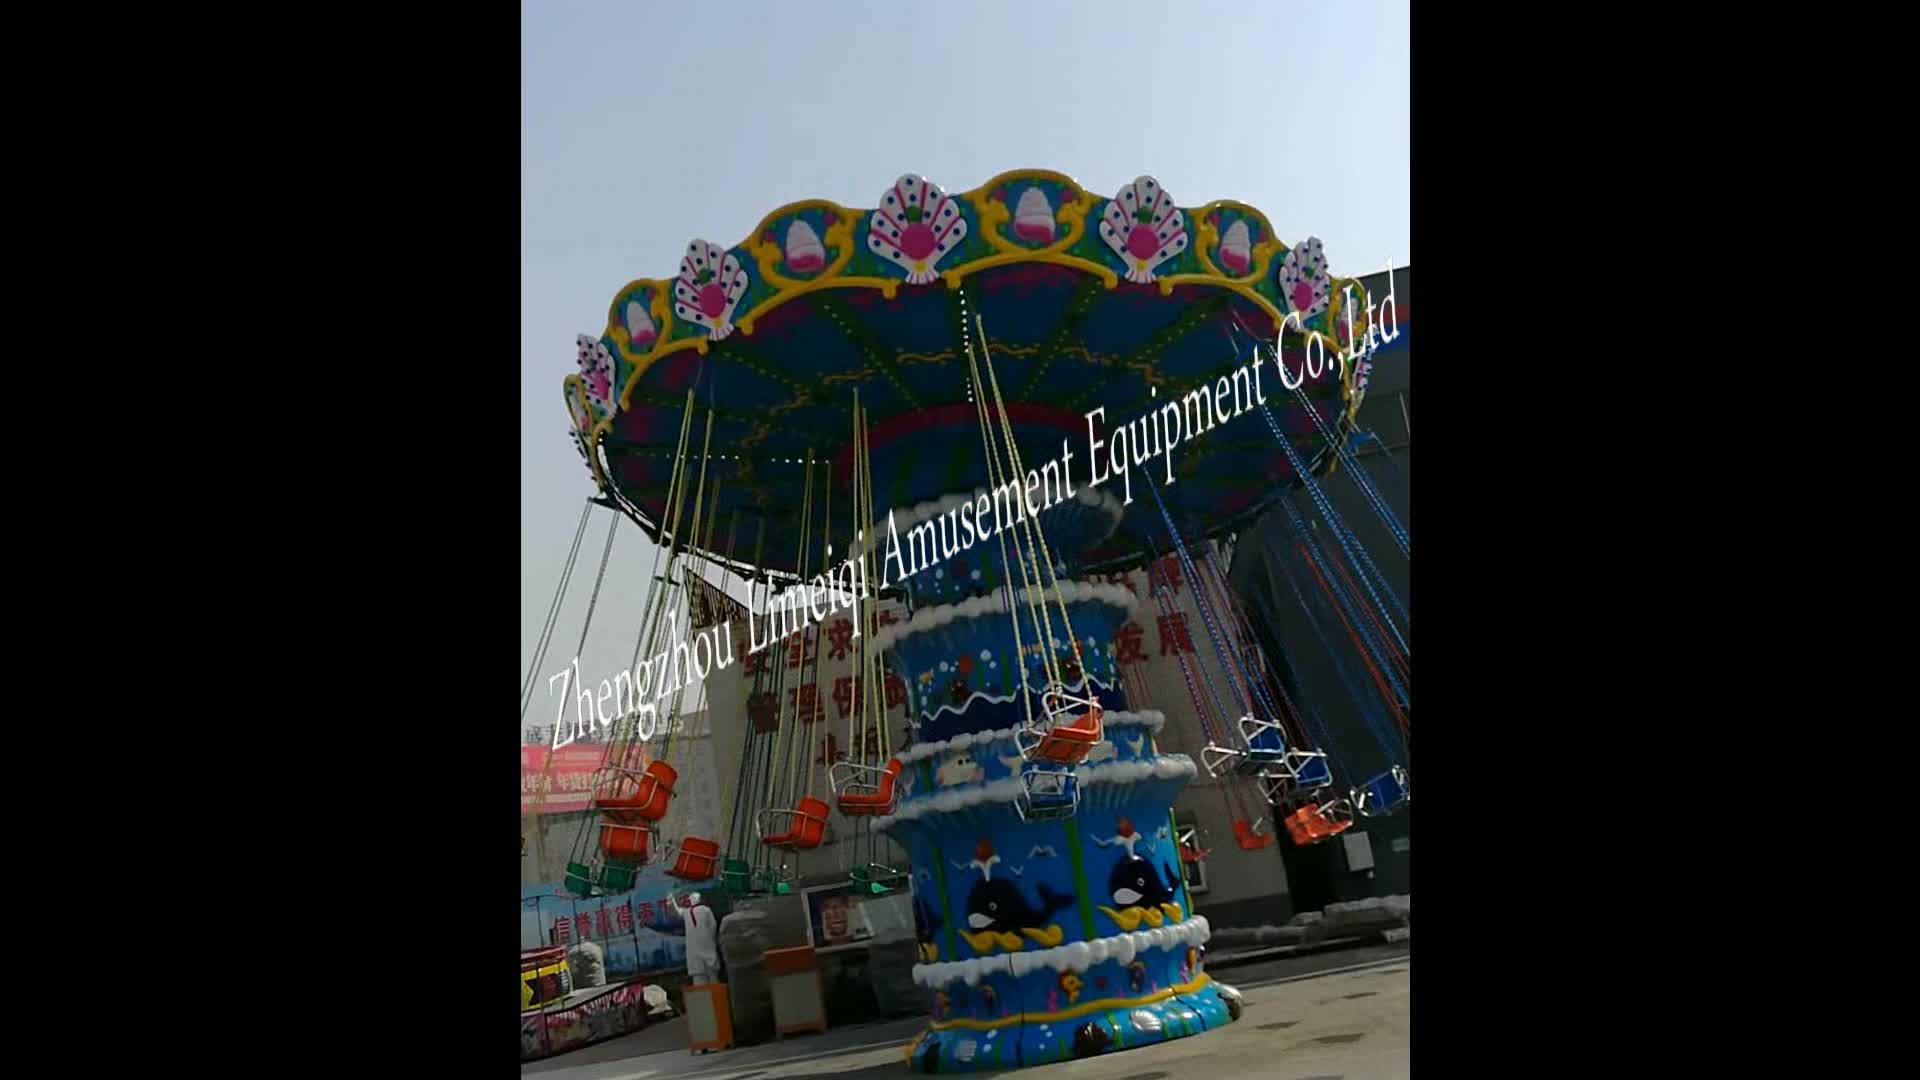 Children outdoor amusement park rides playground equipment flying chair outdoor for children